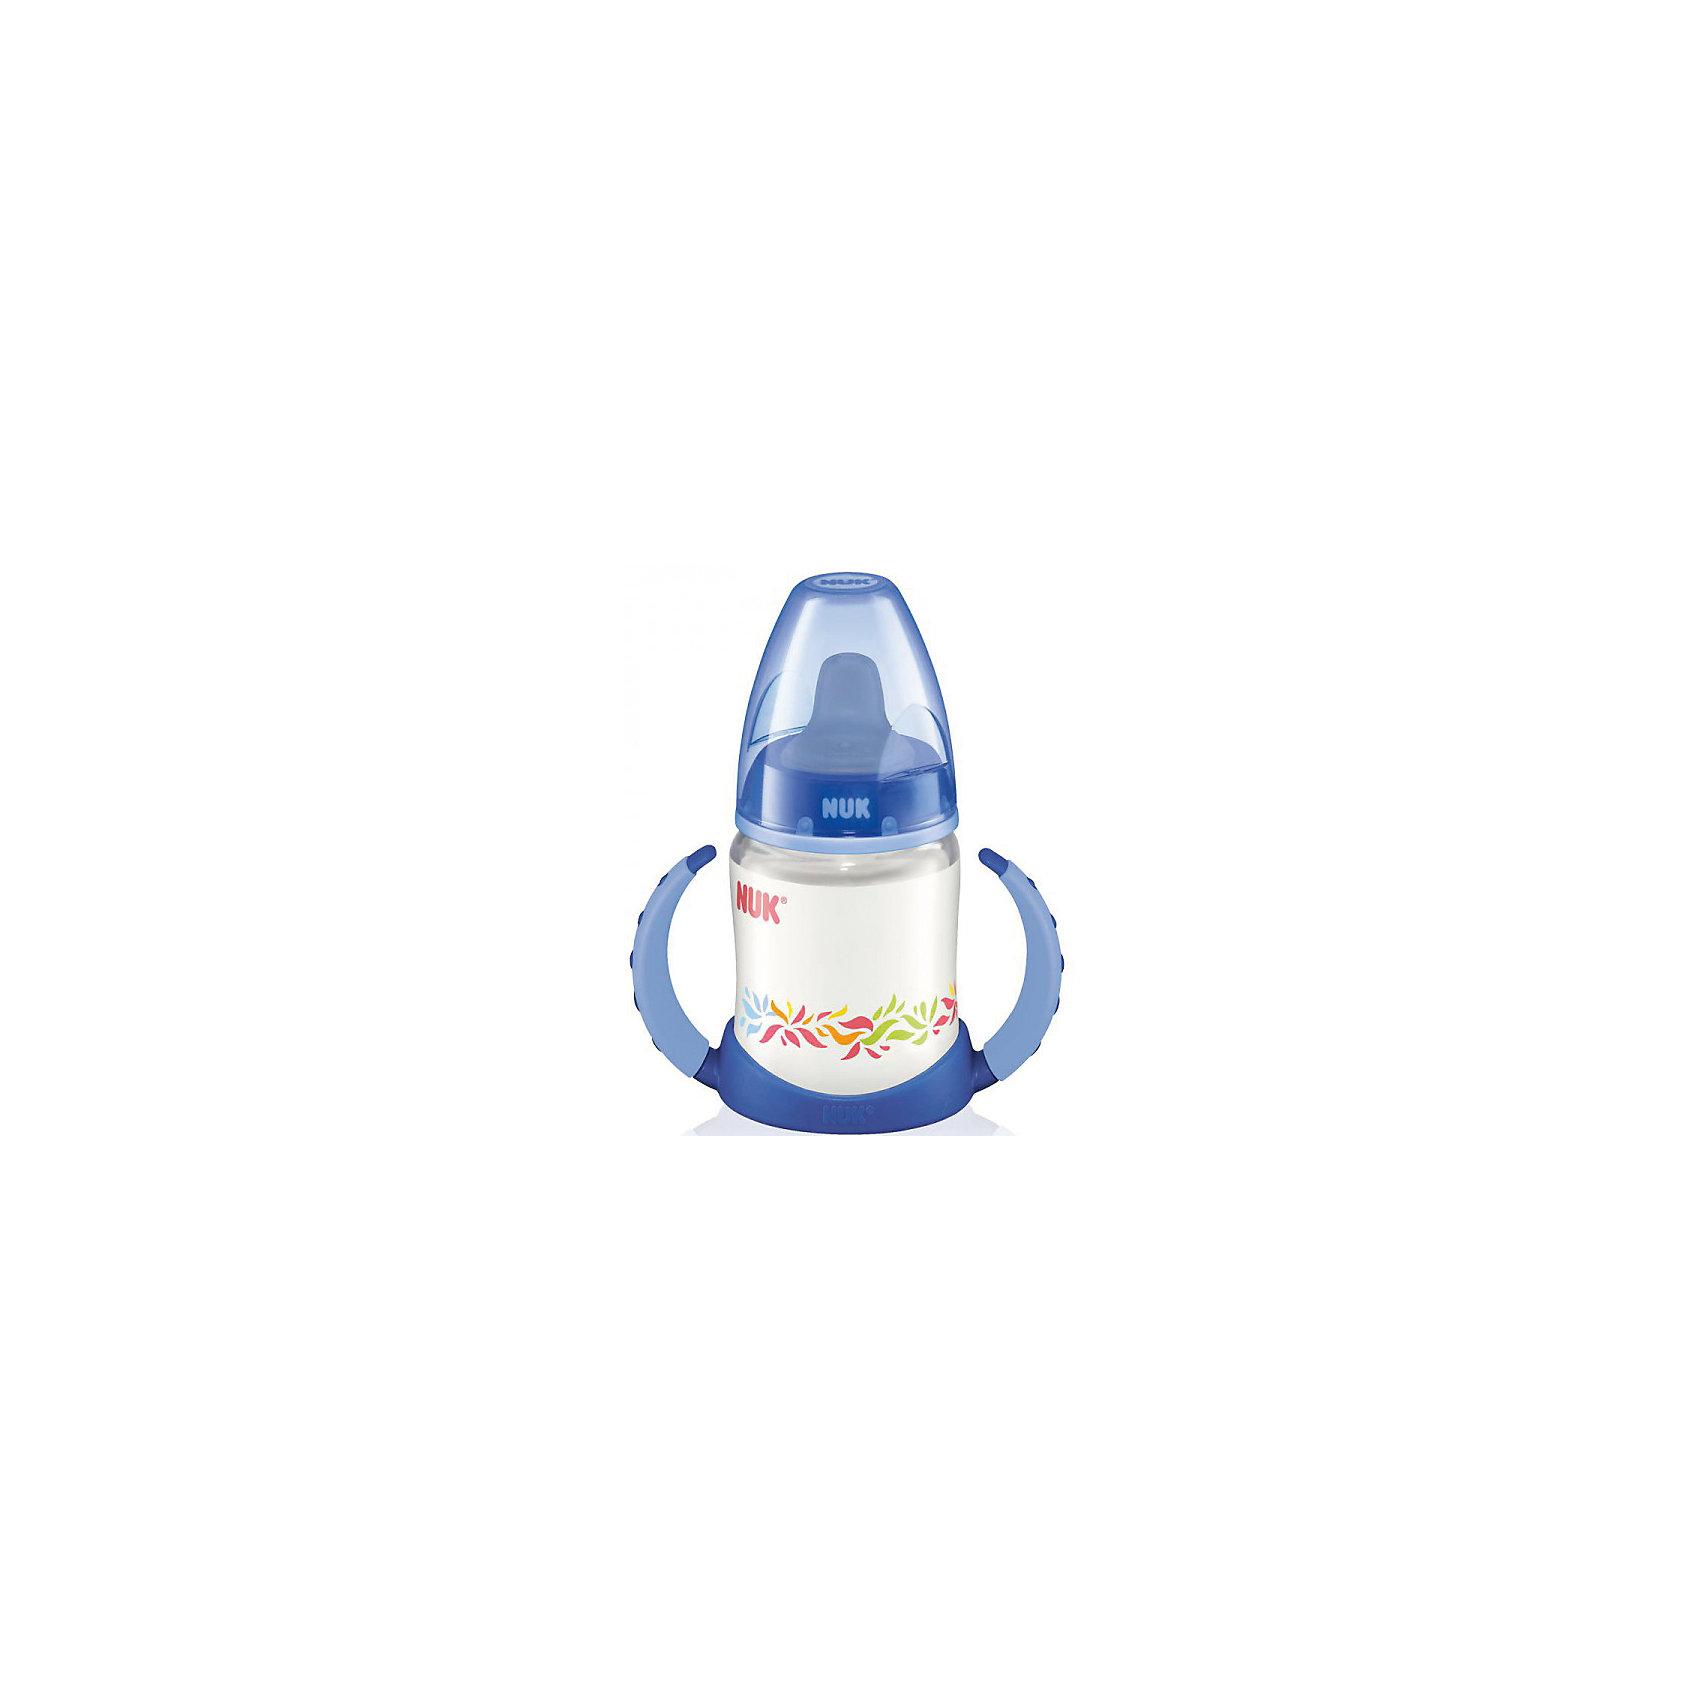 Бутылочка First Choice, 150 мл., NUK, синийБутылочки и аксессуары<br>Характеристики изделия:<br><br>- объем: 150 мл;<br>- цвет: разноцветный;<br>- материал: латекс, полипропилен;<br>- широкое горло;<br>- размер соски: 1, S.<br><br>Детские товары существенно облегчают жизнь молодым мамам. Но существует множество необходимых вещей для материнства. К таким относится обыкновенная пластиковая бутылочка для вскармливания младенца. <br>Данная модель оптимально подходит для детей на смешанном вскармливании. Мягкий материал соски подойдет для самых маленьких. Есть 2 вида соски. Бутылочка легко очищается от любых поверхностных загрязнений, так как имеет удобное широкое горлышко. Оптимальный объем позволит использовать бутылочку для малышей от 0 до шести месяцев.<br><br>Бутылочку First Choice от производителя NUK можно купить в нашем магазине.<br><br>Ширина мм: 120<br>Глубина мм: 65<br>Высота мм: 185<br>Вес г: 133<br>Возраст от месяцев: 0<br>Возраст до месяцев: 6<br>Пол: Унисекс<br>Возраст: Детский<br>SKU: 5065238